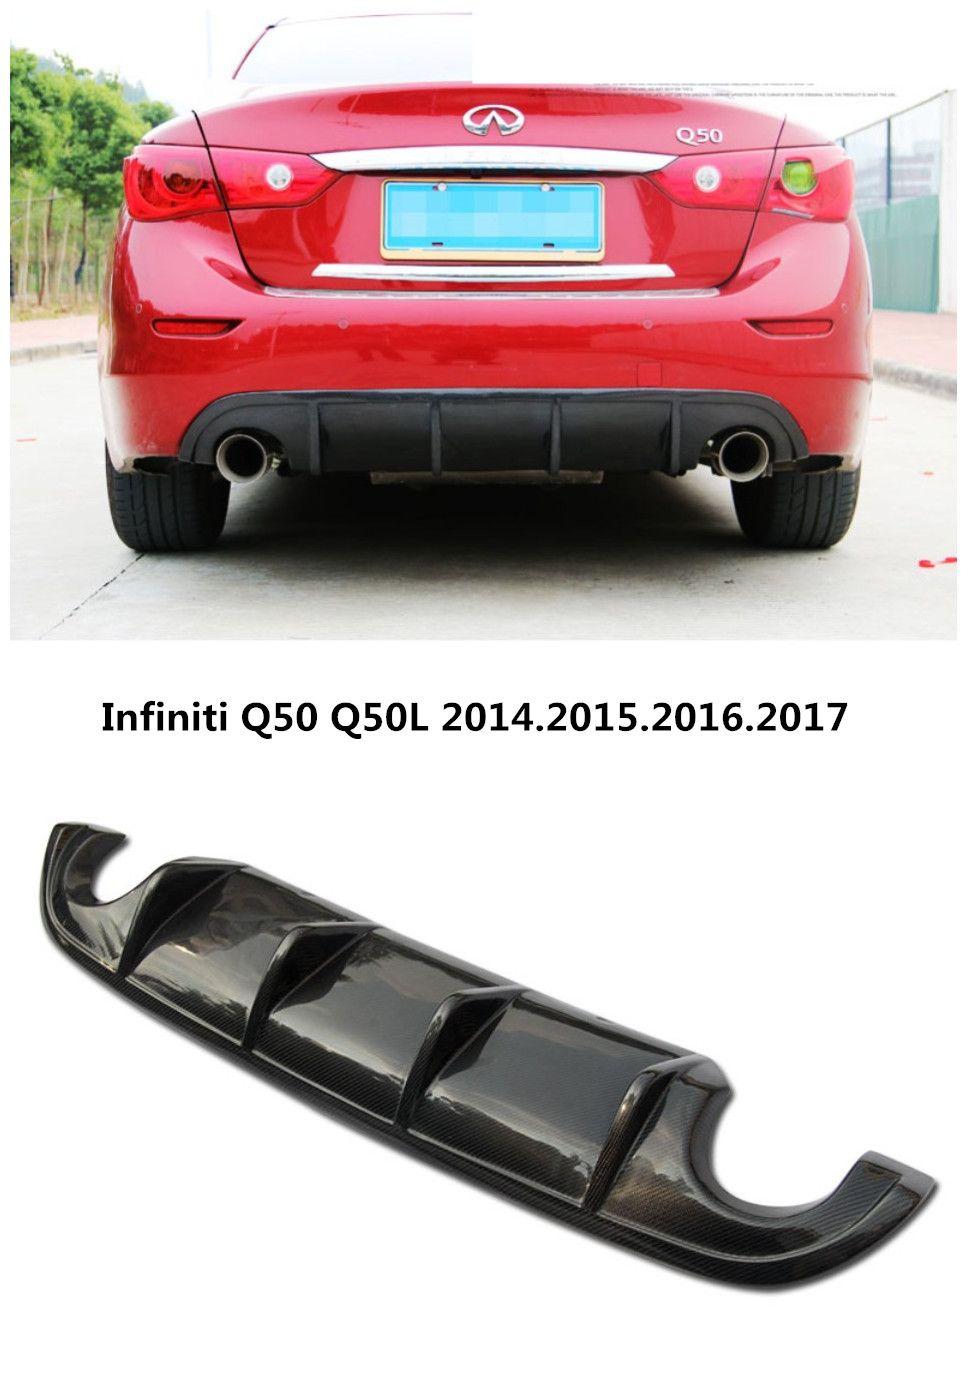 For Infiniti Q50 Q50L 2014.2015.2016.2017 Carbon Fiber